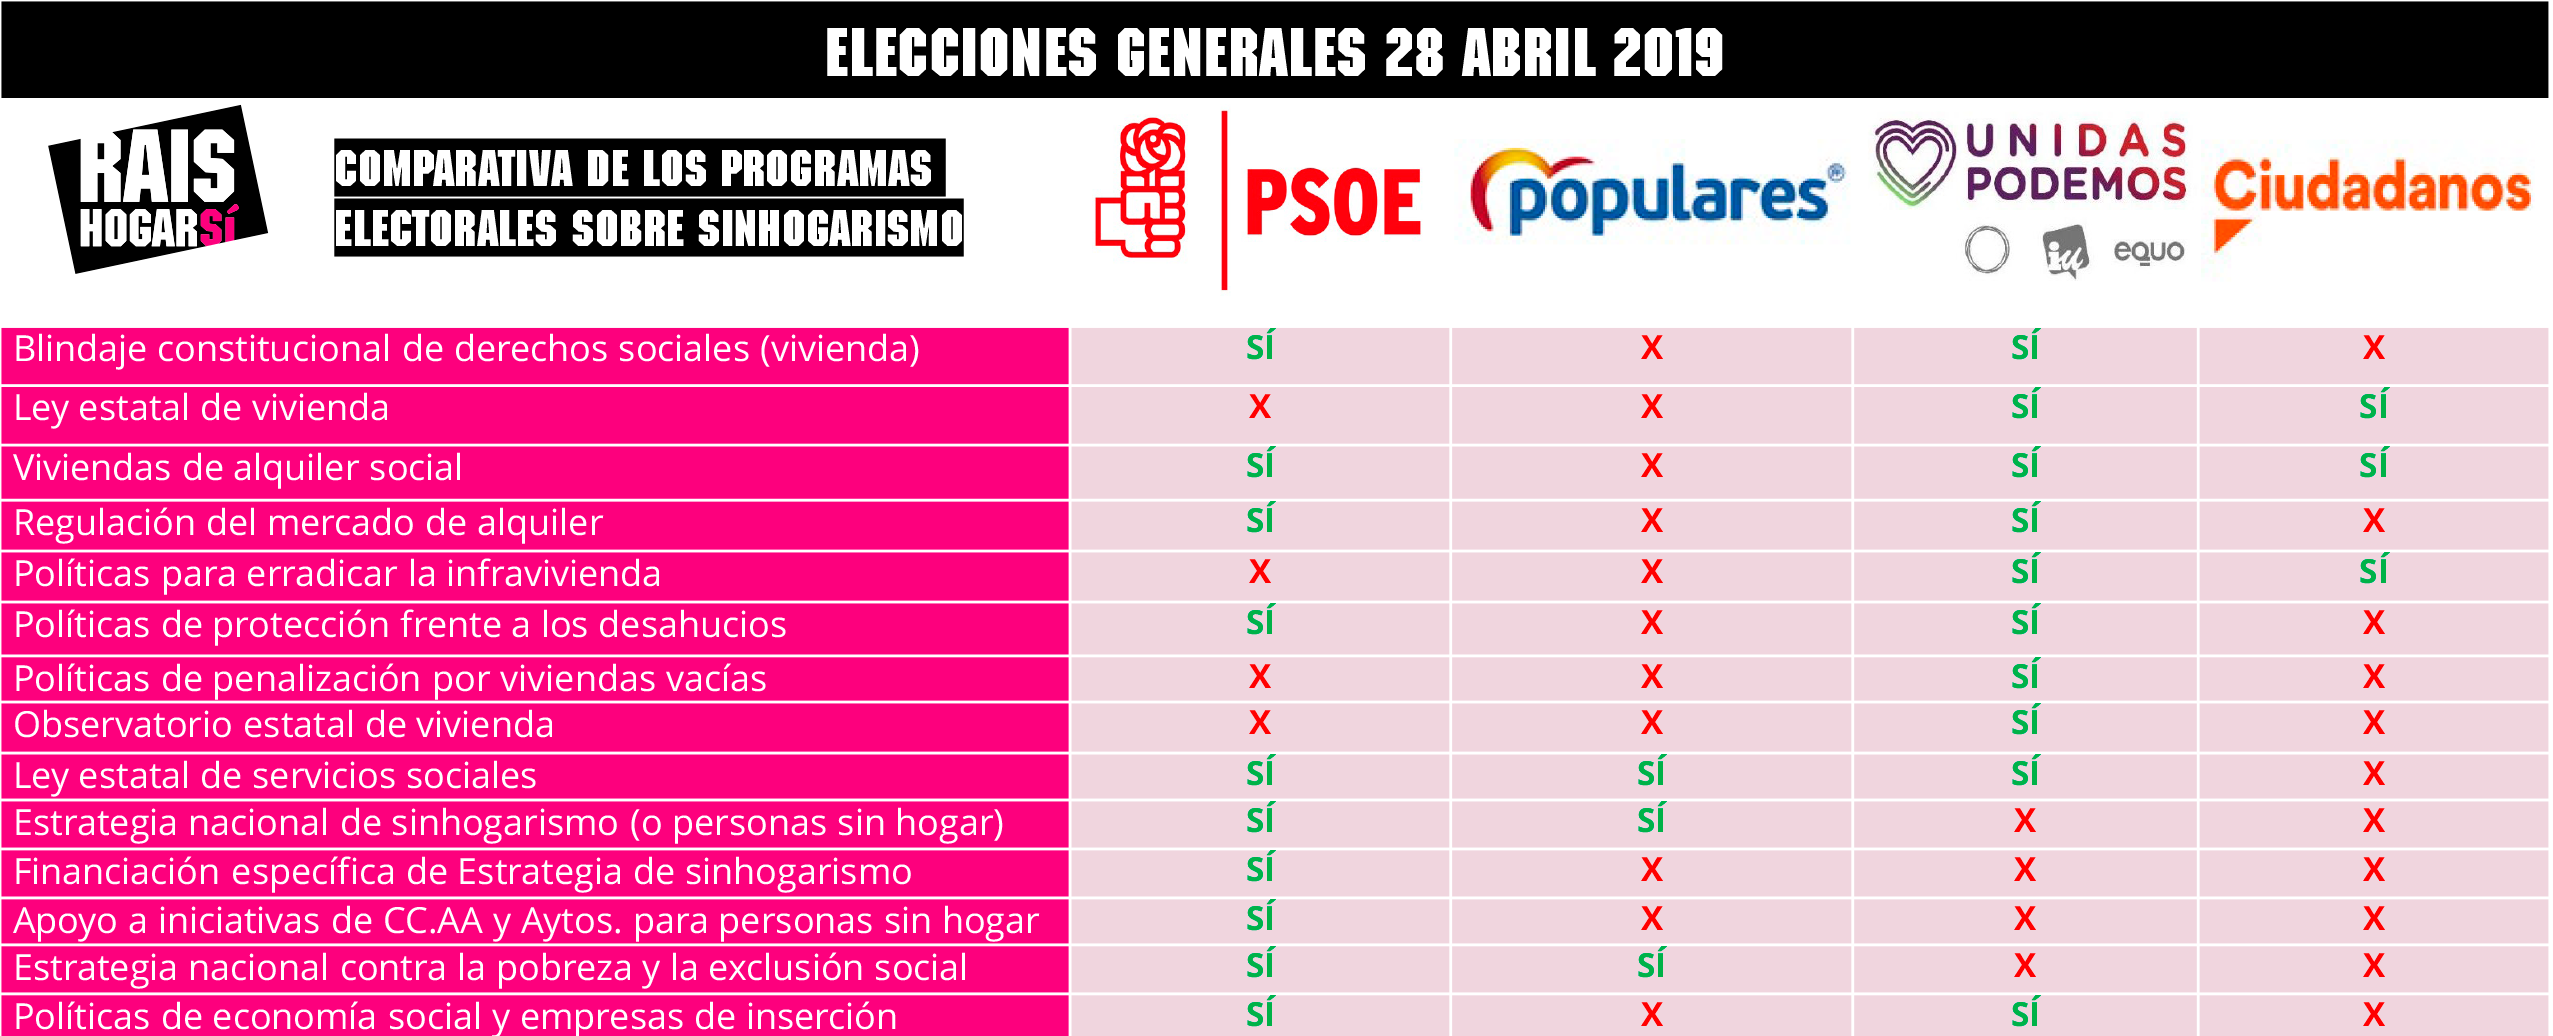 Comparativa programas electorales 28 de abril